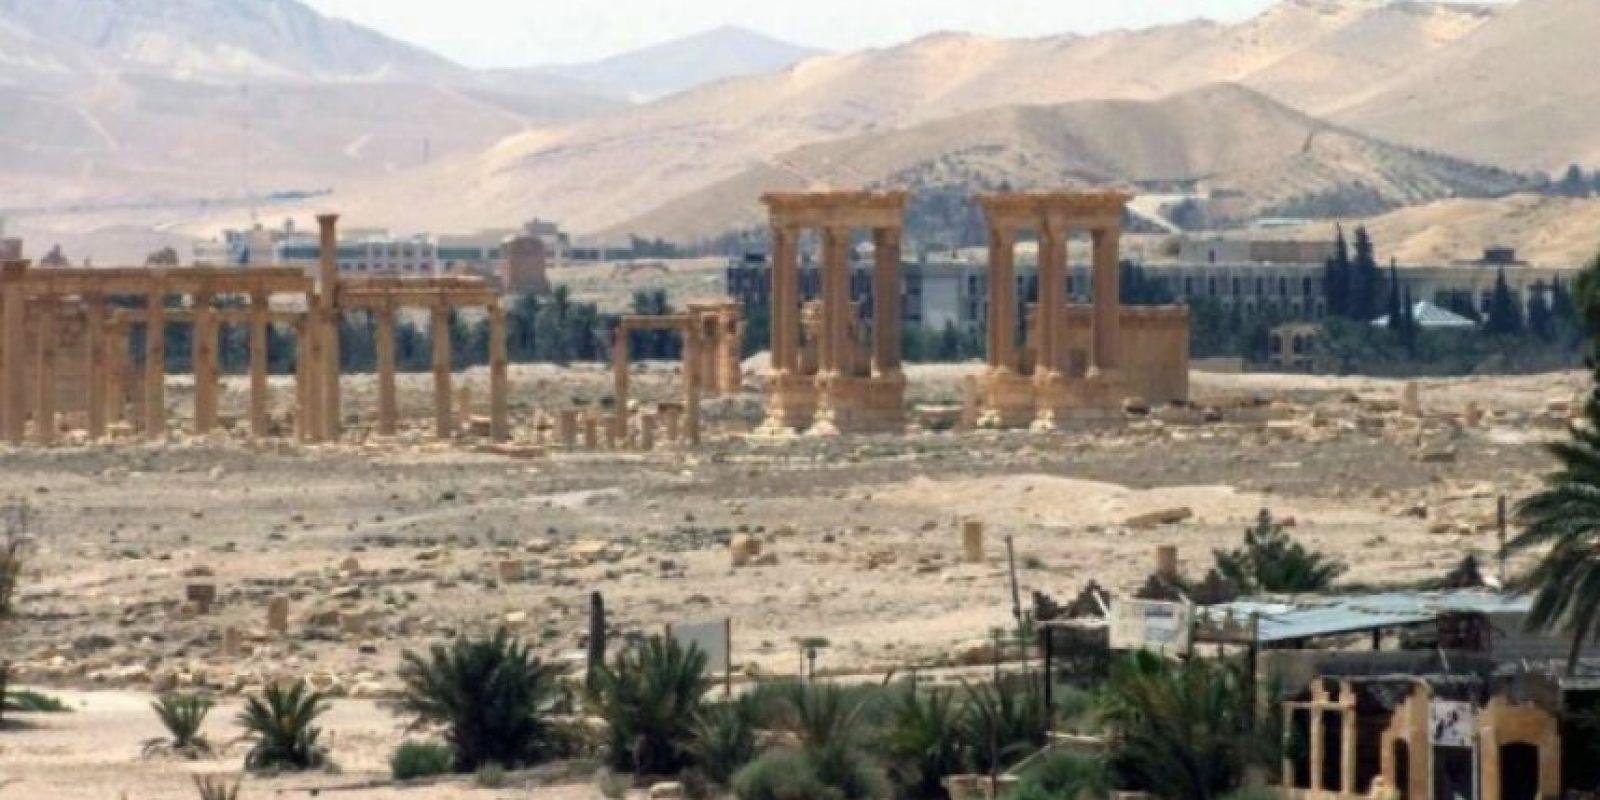 No sería la primera vez que el grupo terrorista afecta lugares históricos y de alto valor cultura Foto:AFP